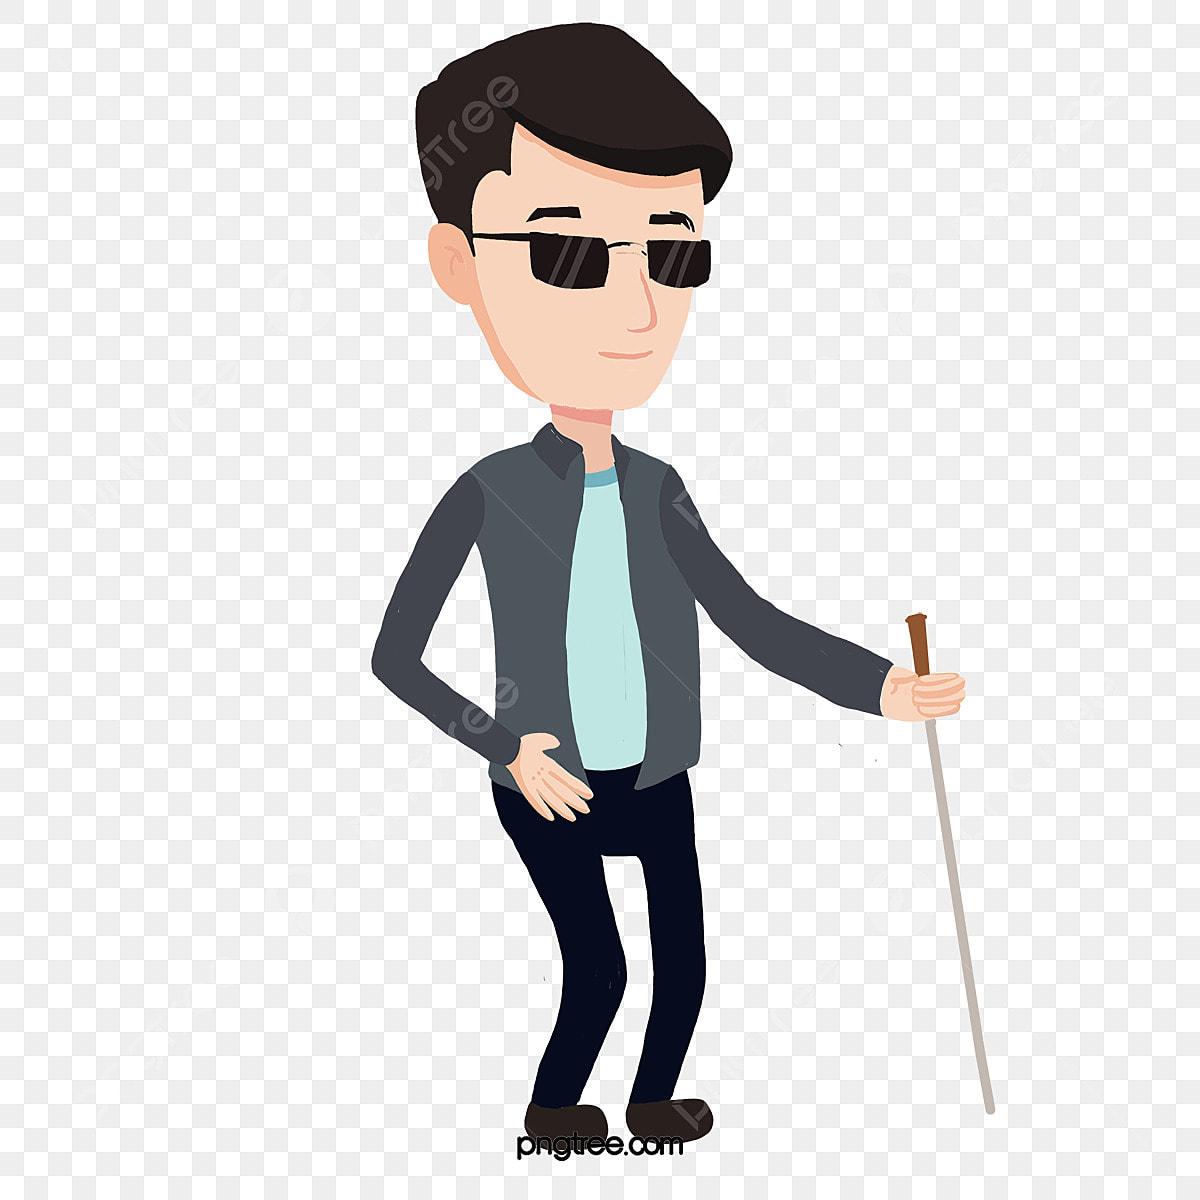 L Homme Aveugle Clipart Homme Clipart Marche Dessin Anime Fichier Png Et Psd Pour Le Telechargement Libre